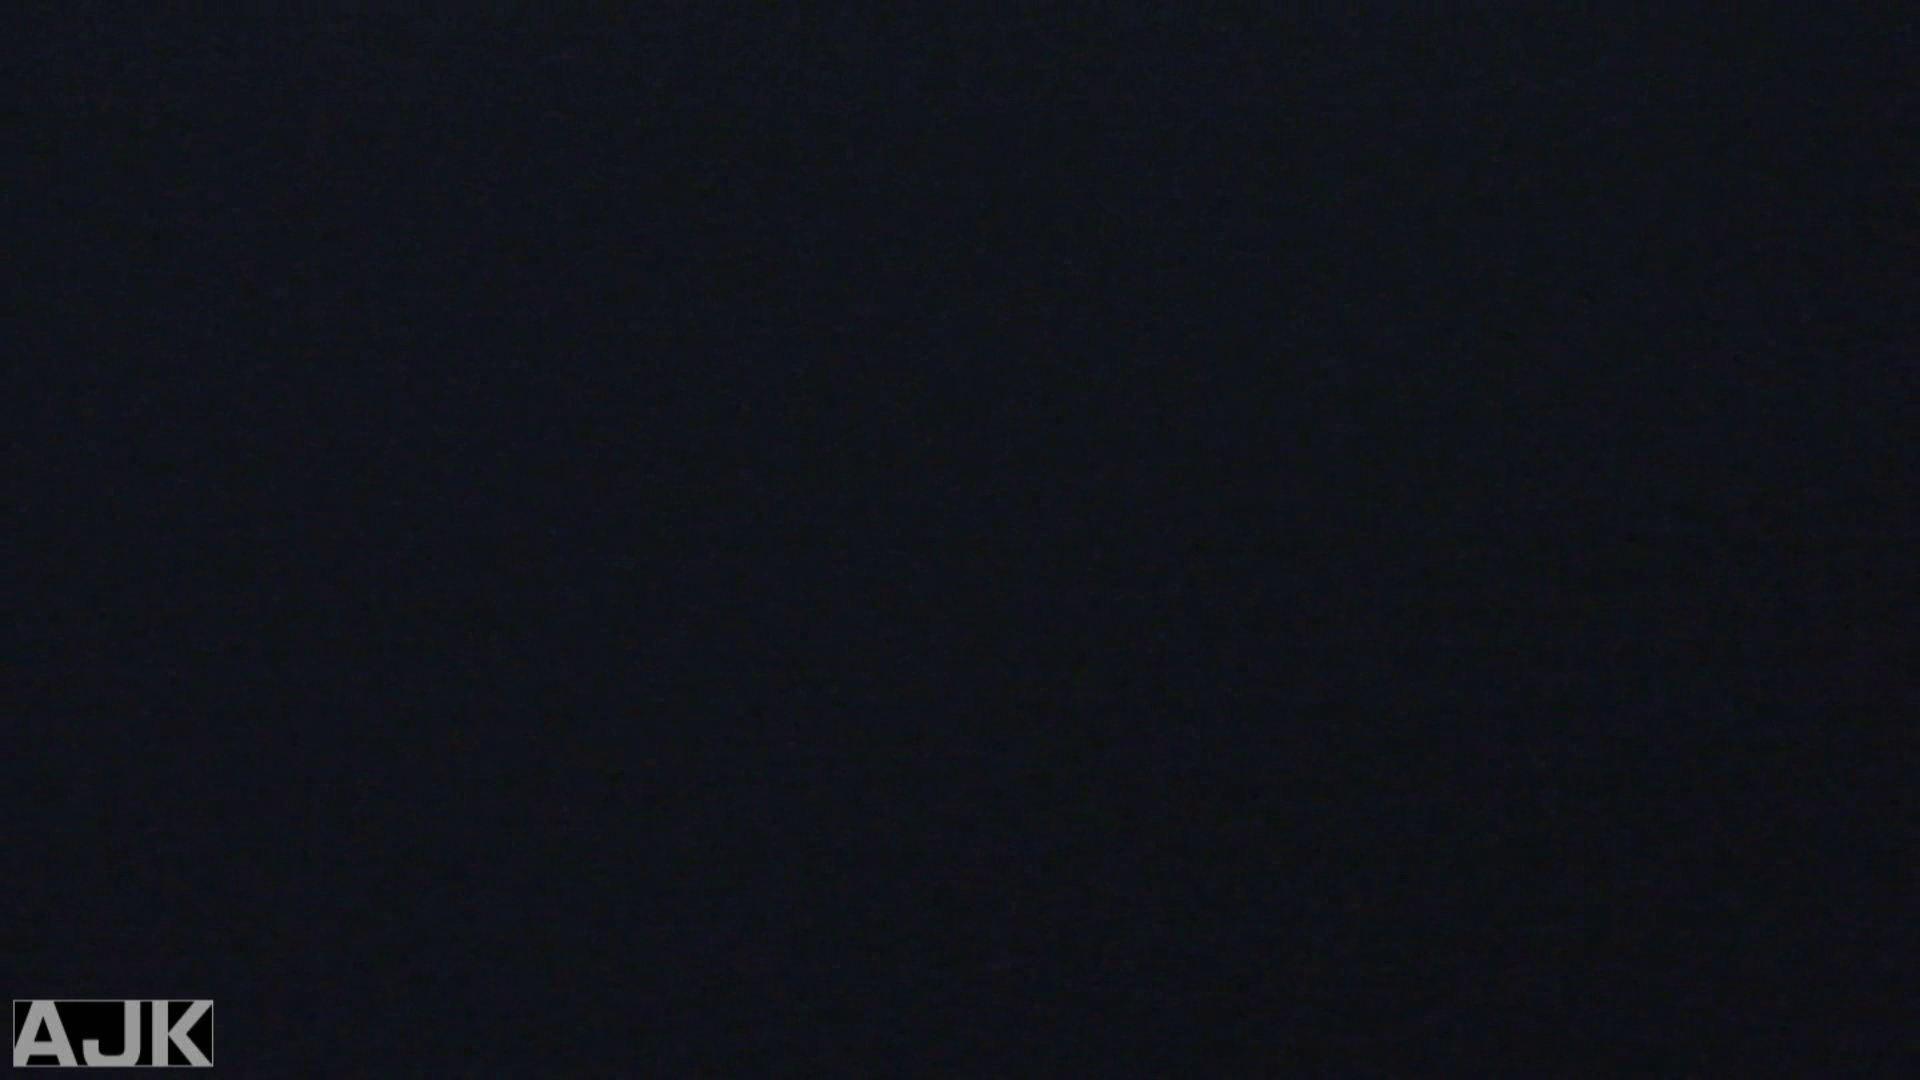 神降臨!史上最強の潜入かわや! vol.13 潜入 性交動画流出 91連発 39